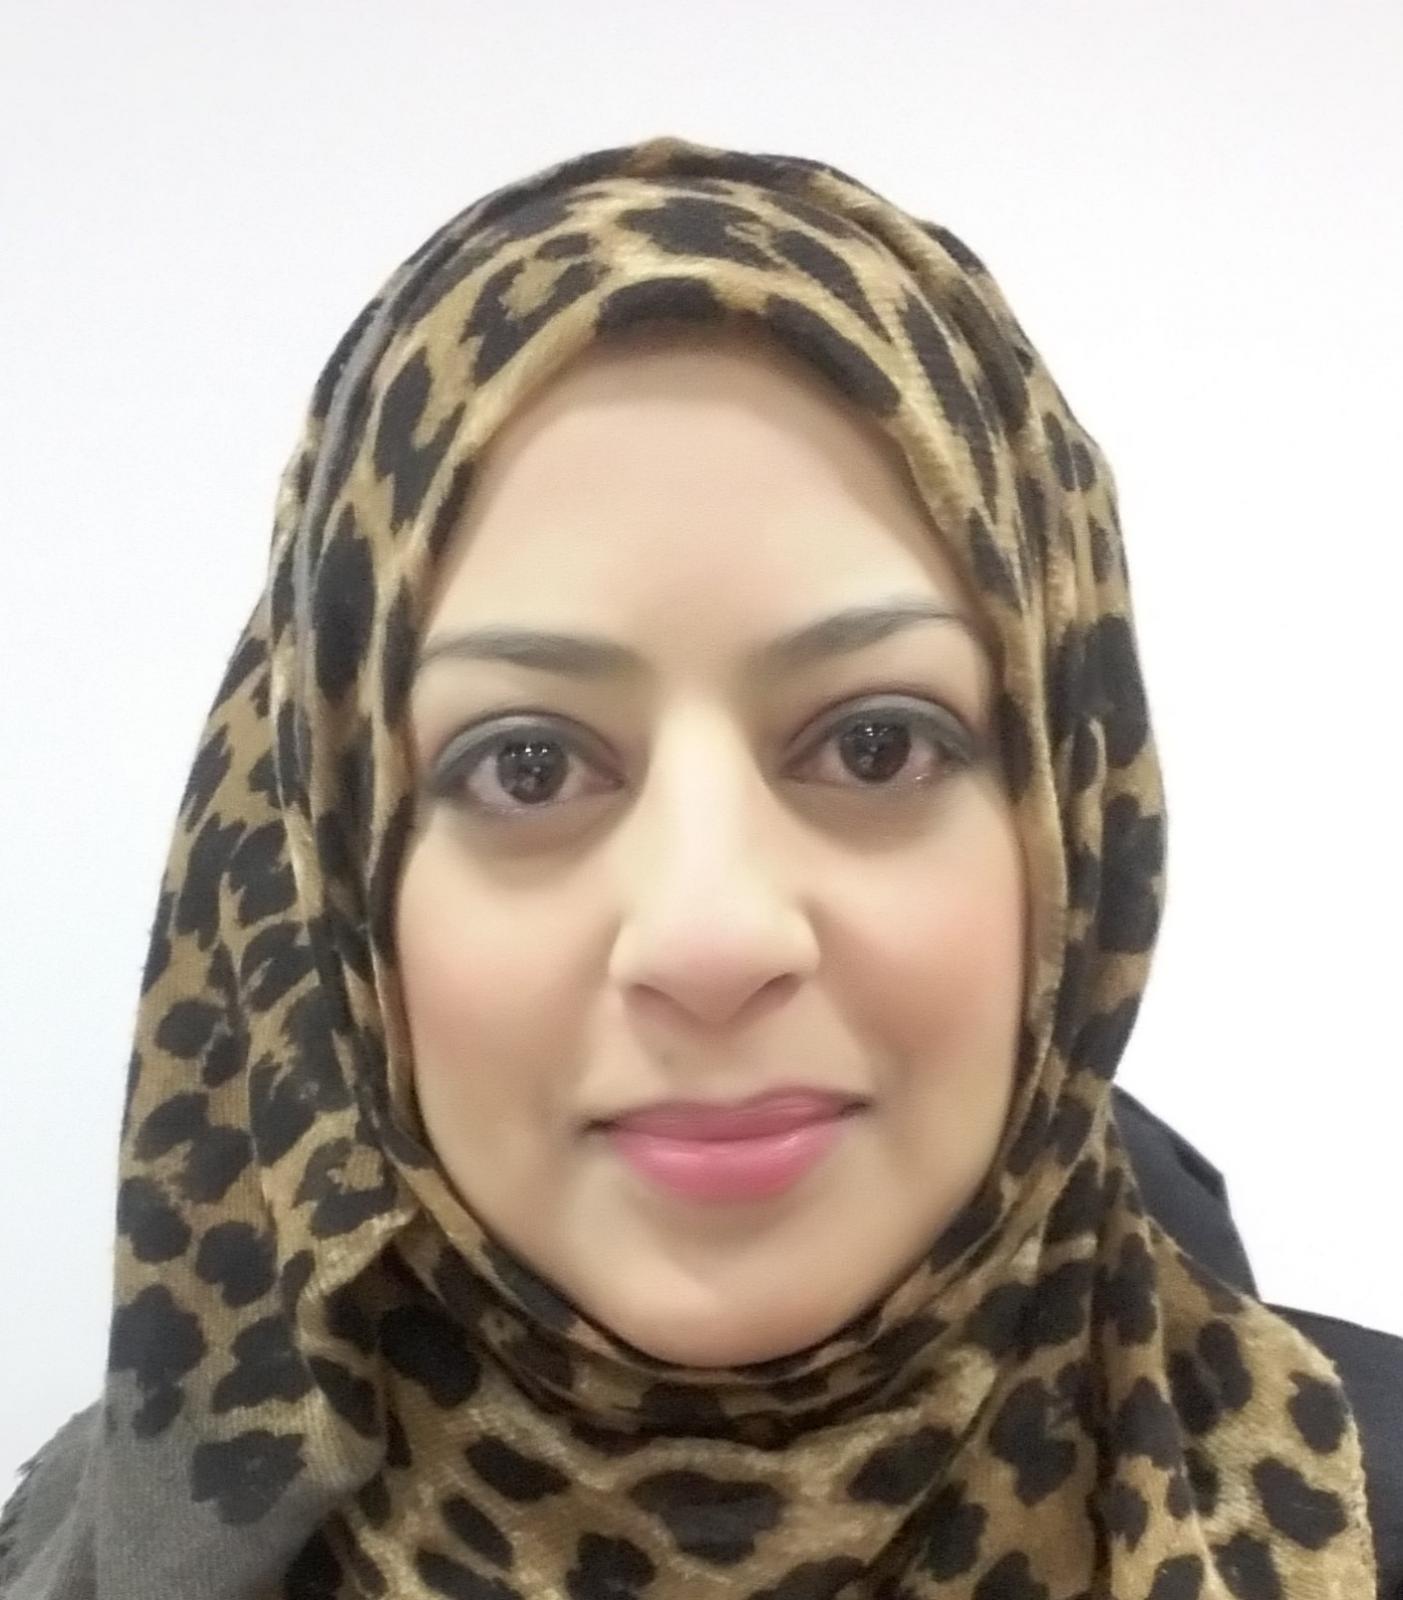 Rana Al-Manaseer